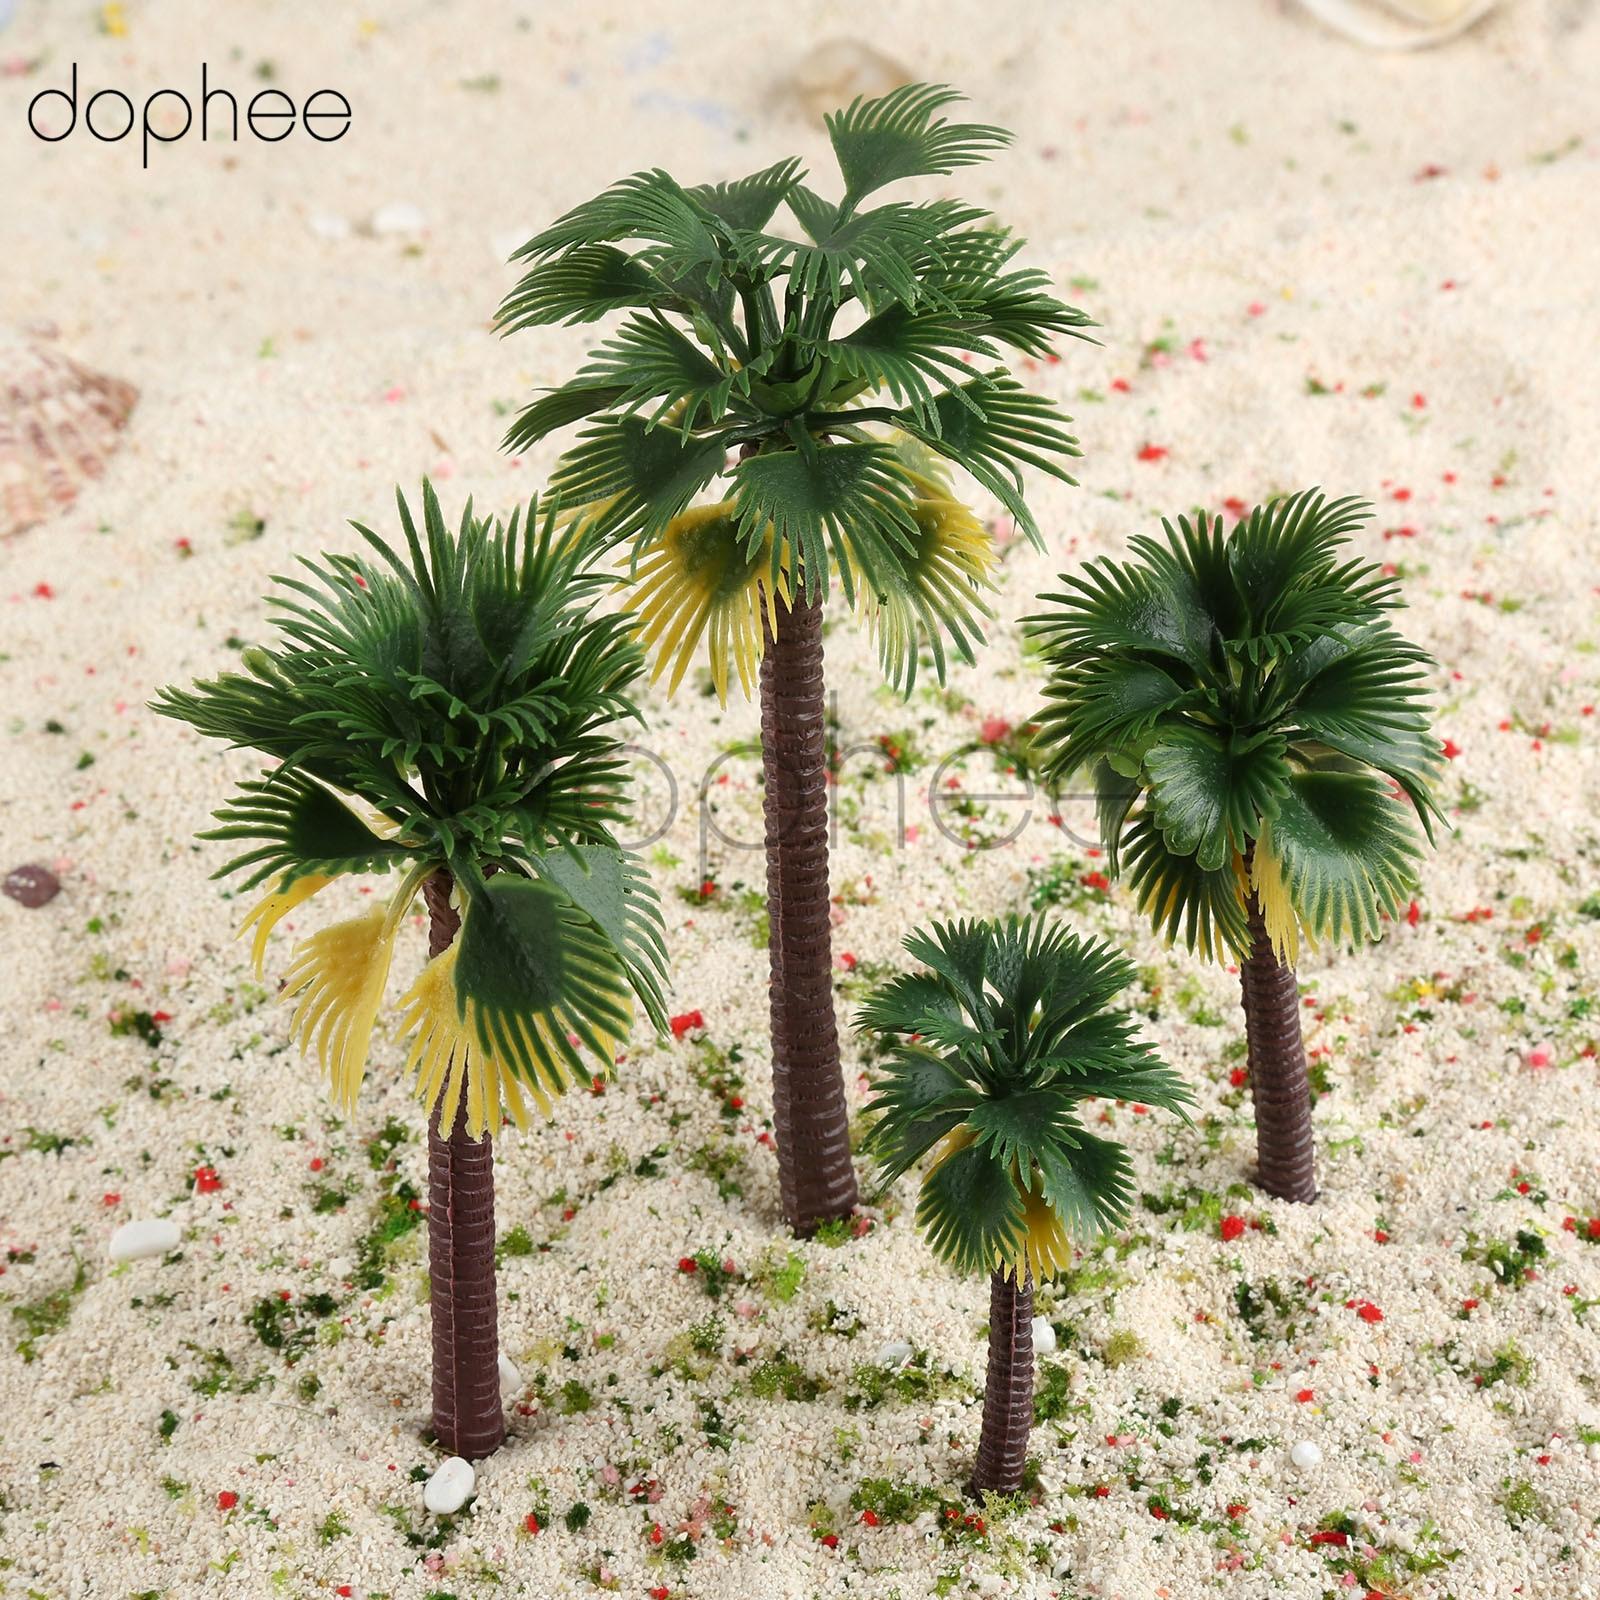 25CM Green Artificial Coconut Palm Tree Micro Plastic Landscape ...